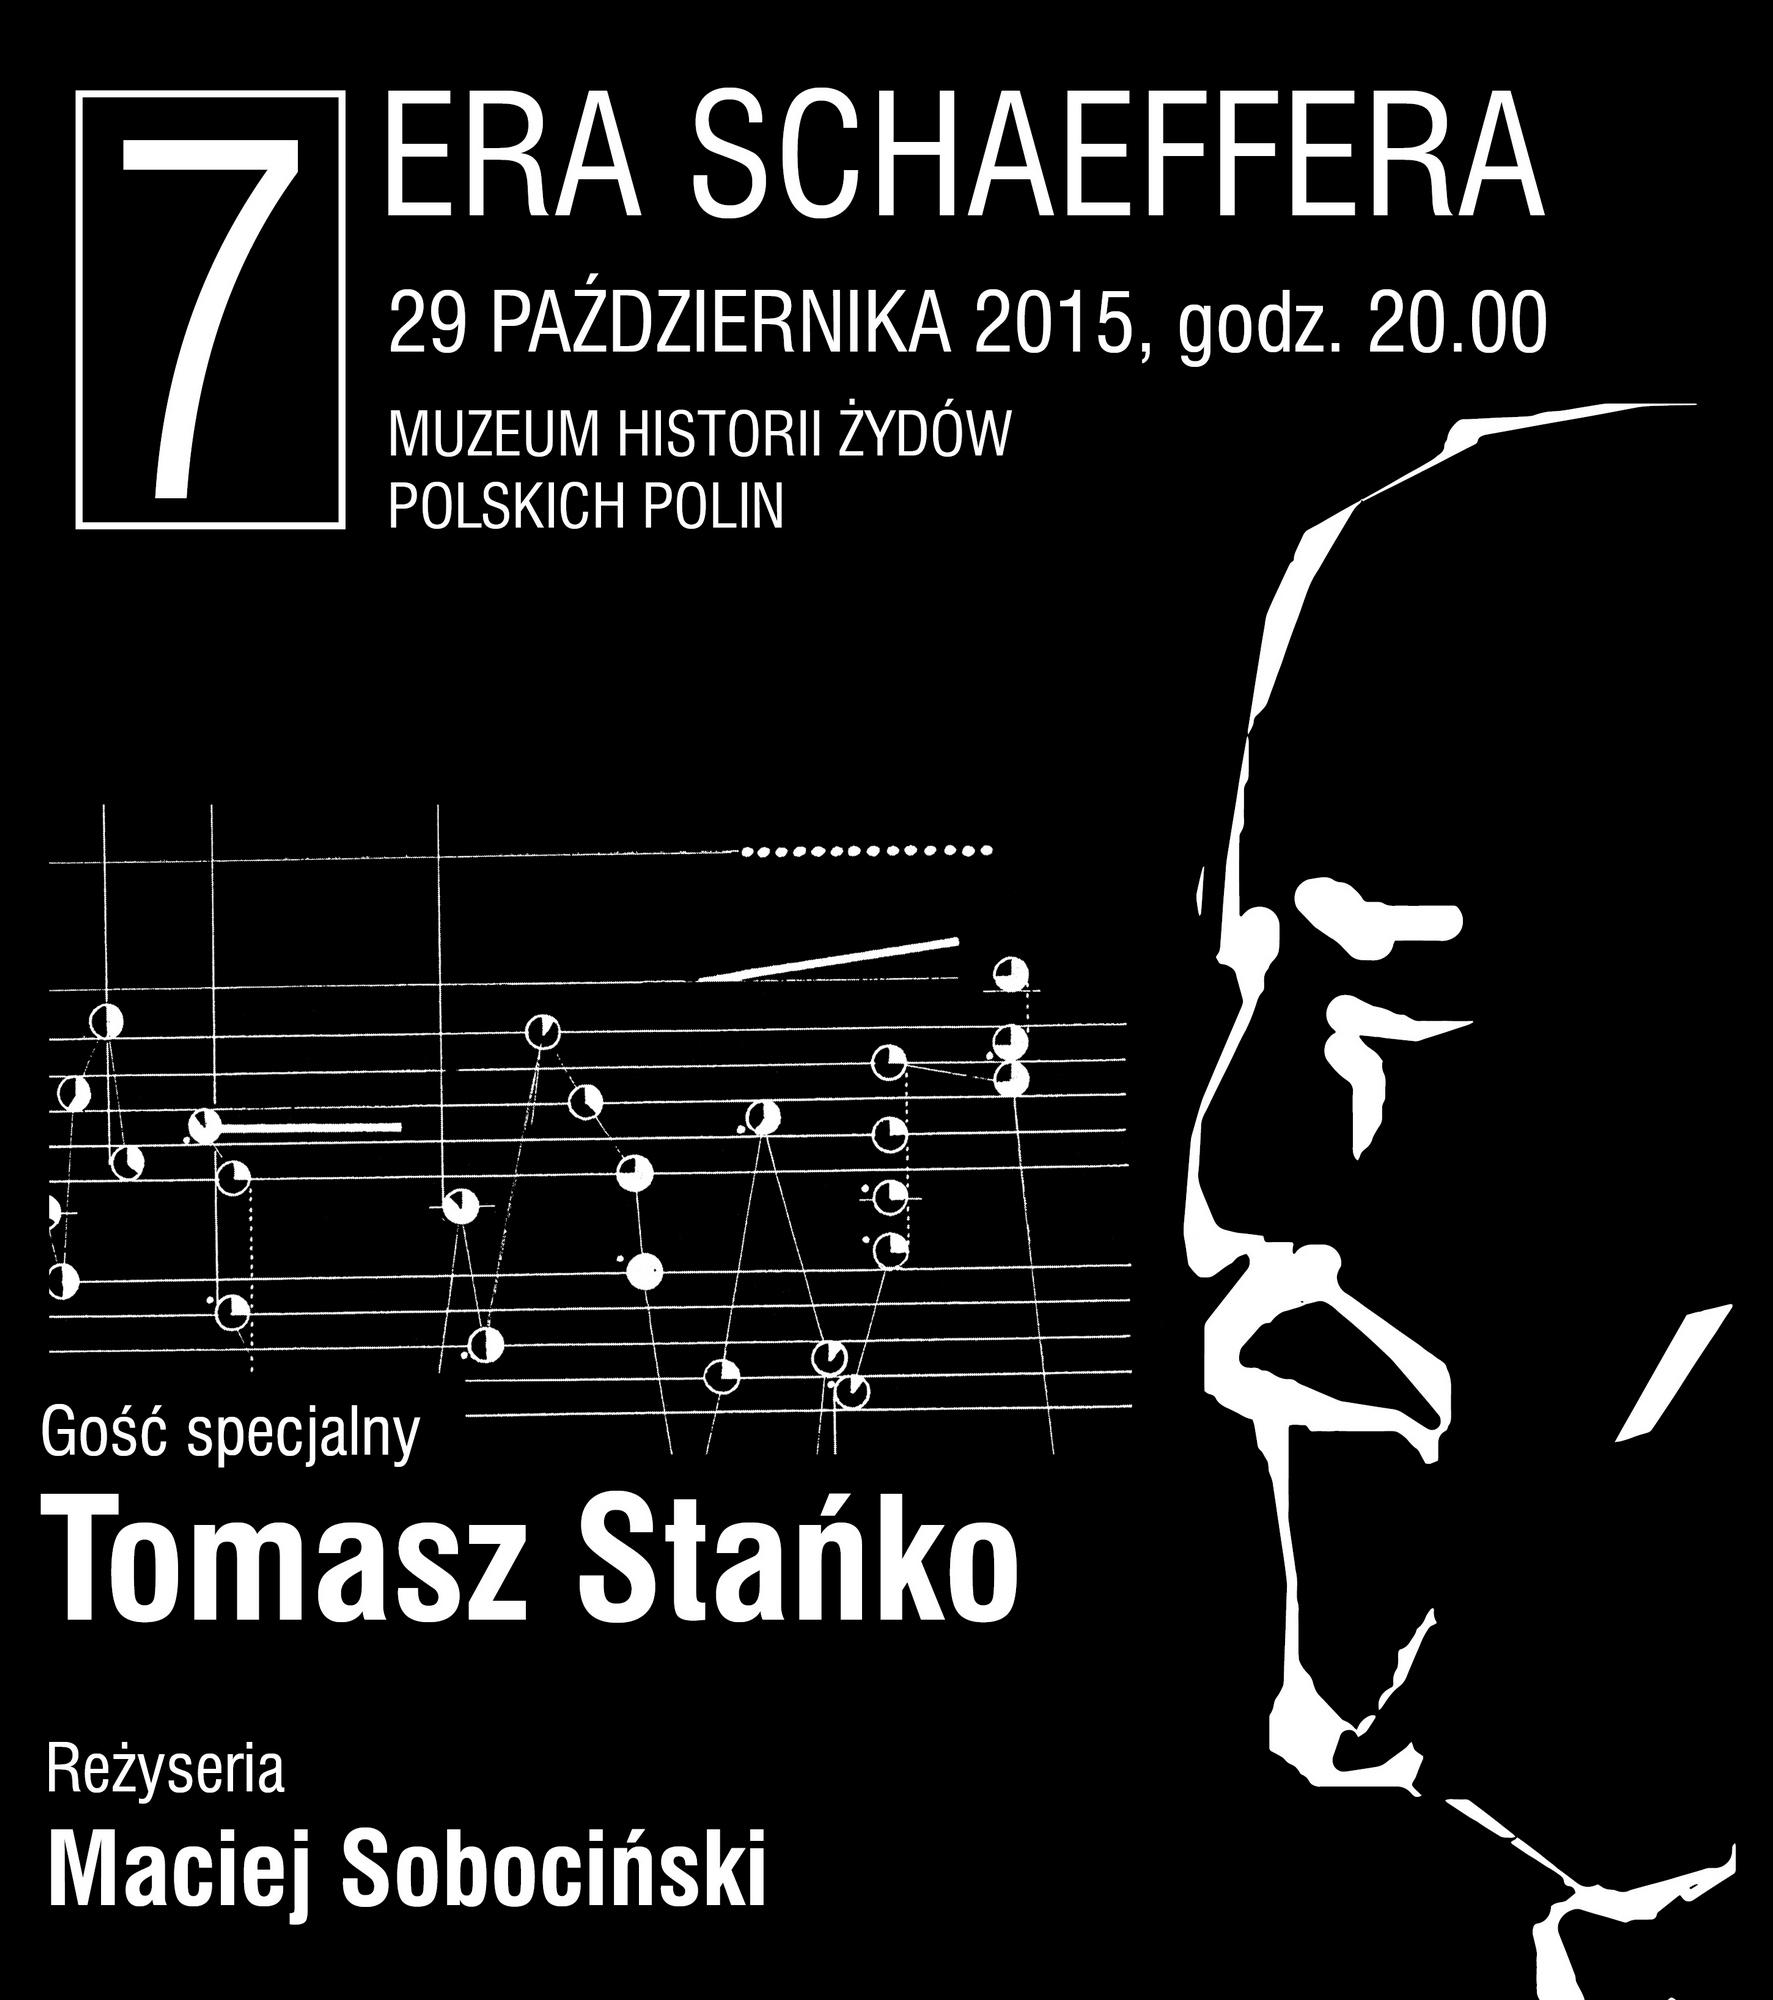 Festiwal Era Schaeffera – plakat (źródło: materiały prasowe)